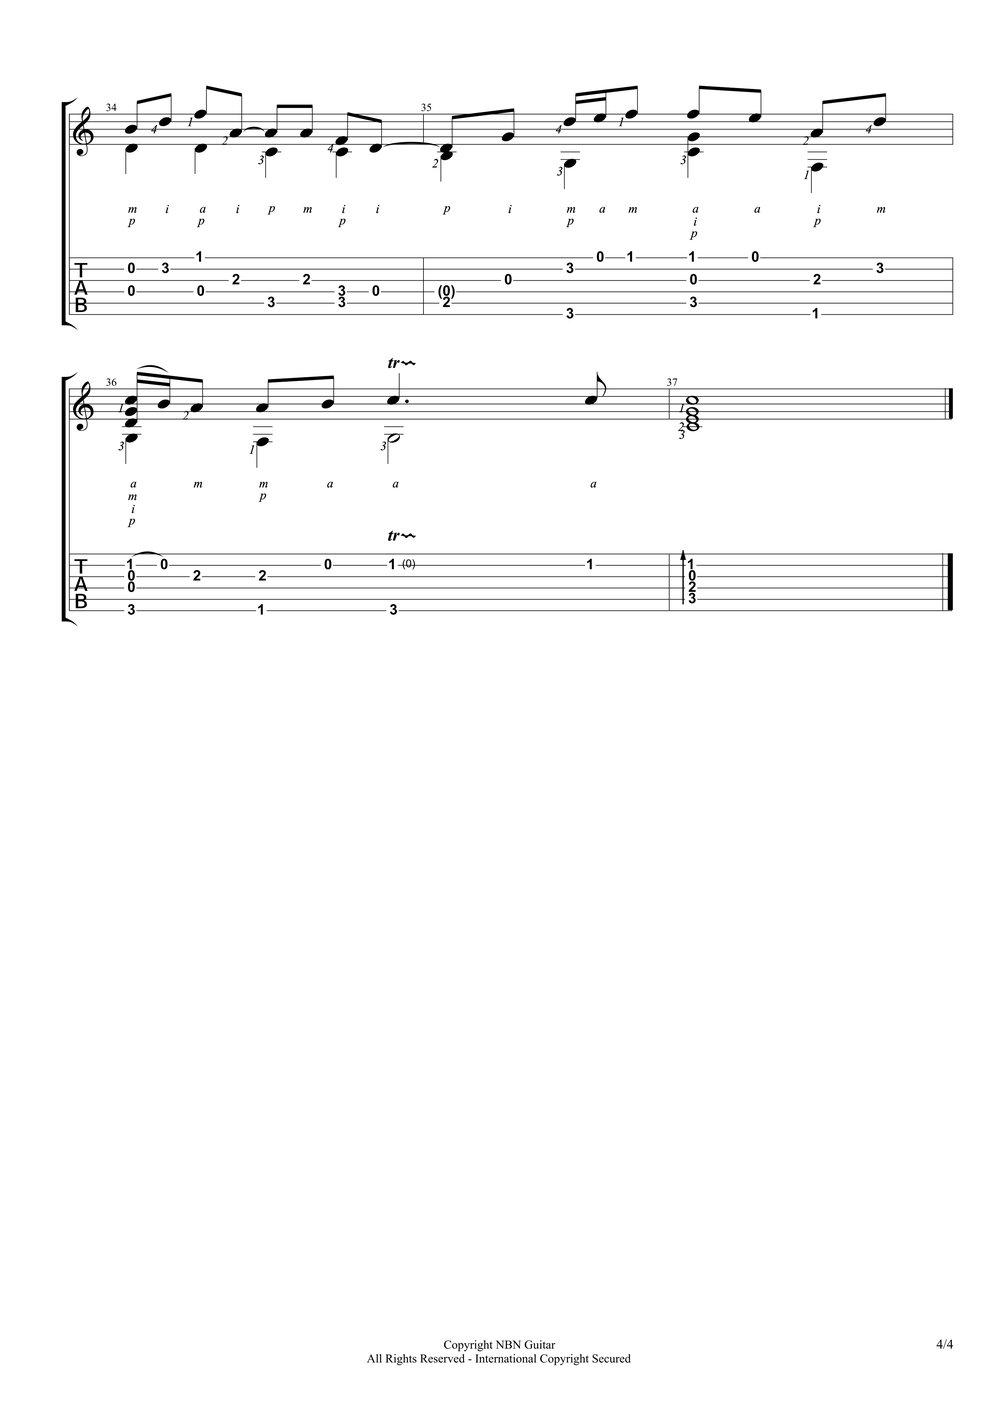 Air on a G-string (Sheet Music & Tabs)-p4.jpg